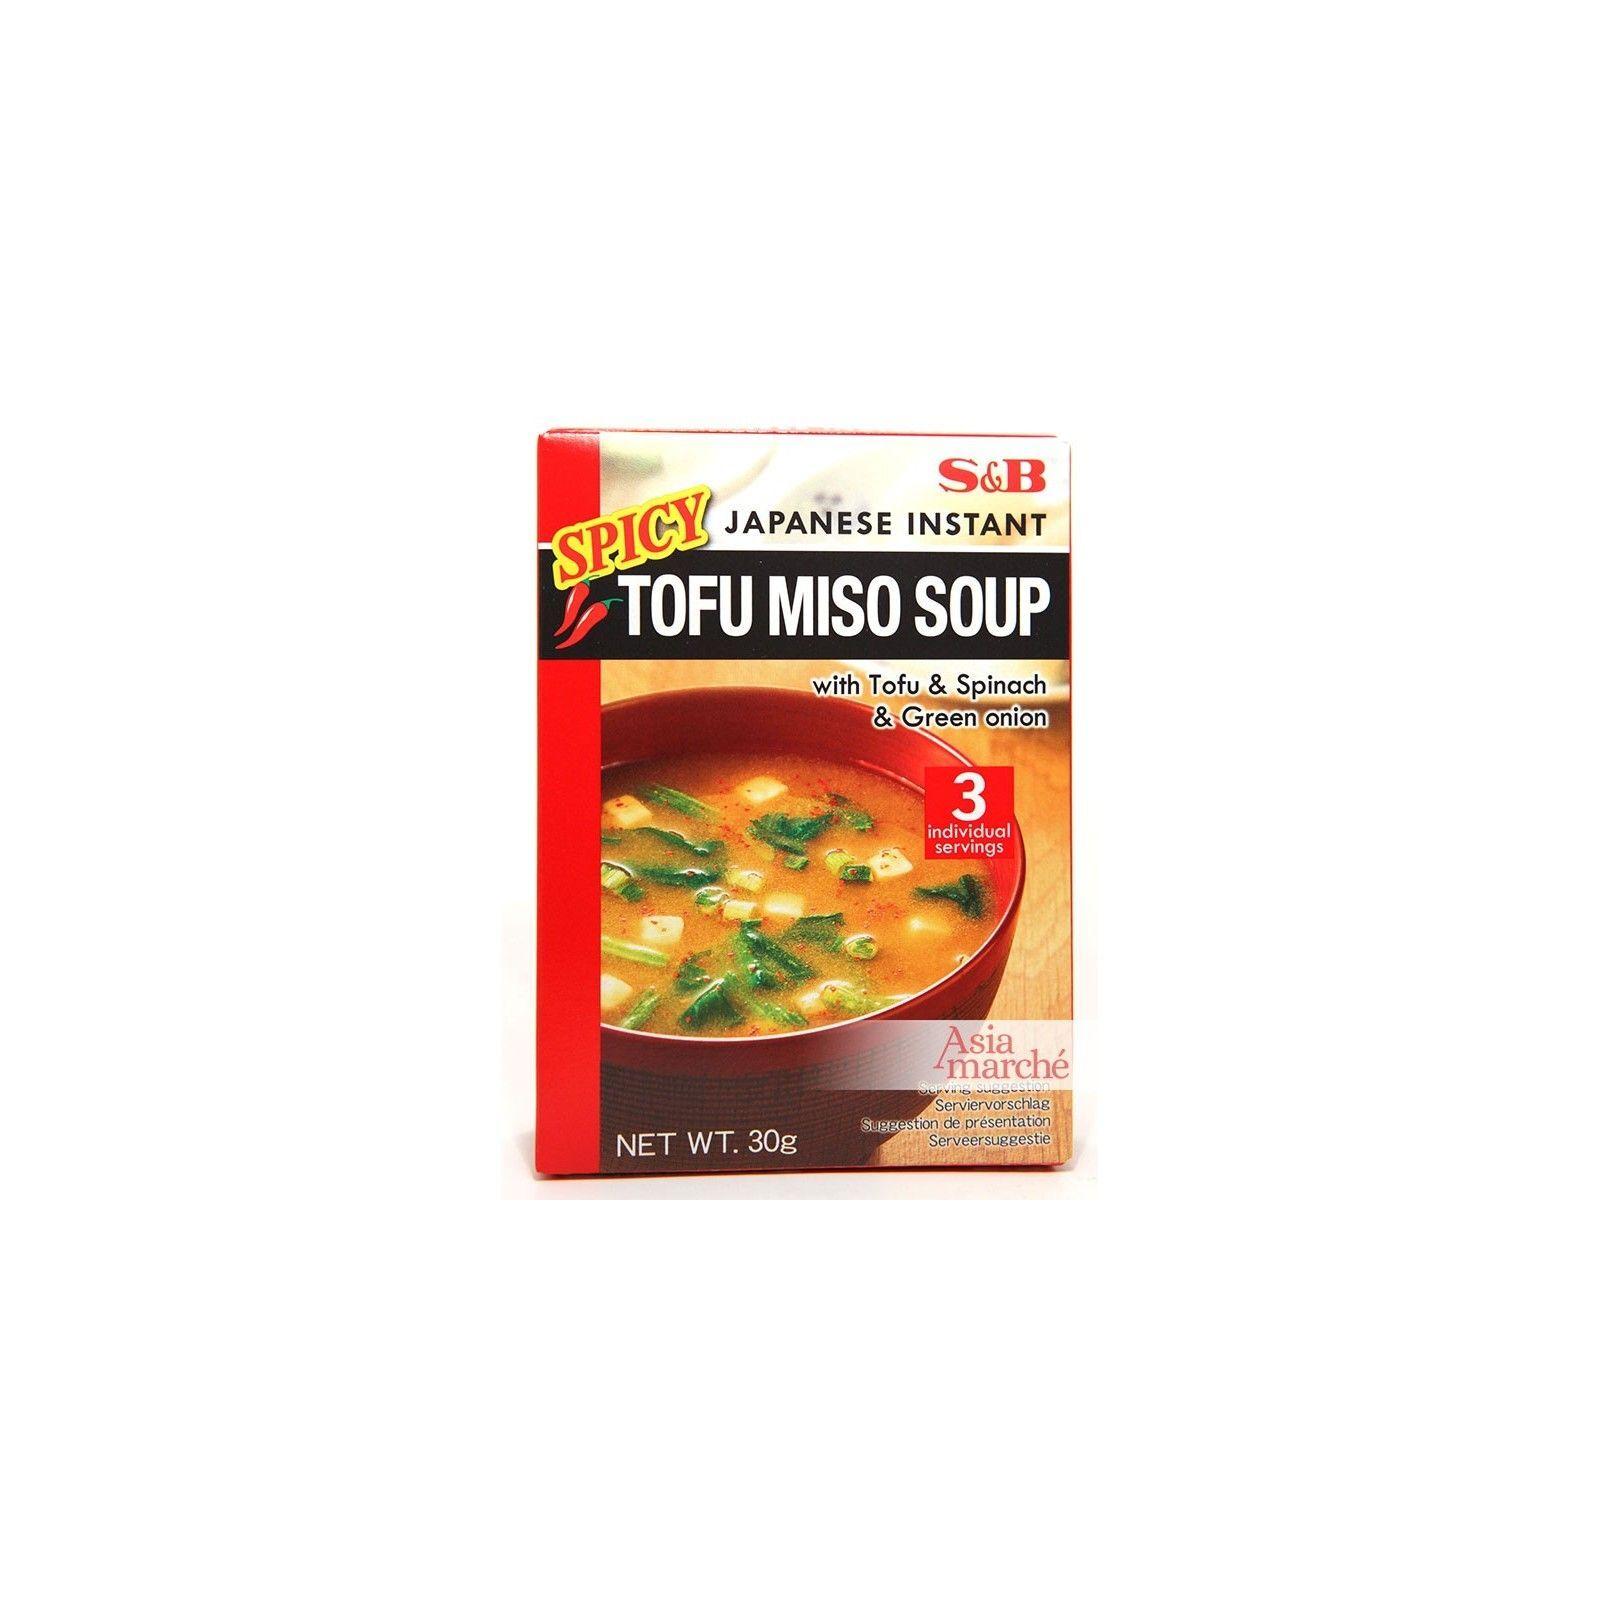 Asia Marché Soupe Miso épicée au Tofu 30g S&B